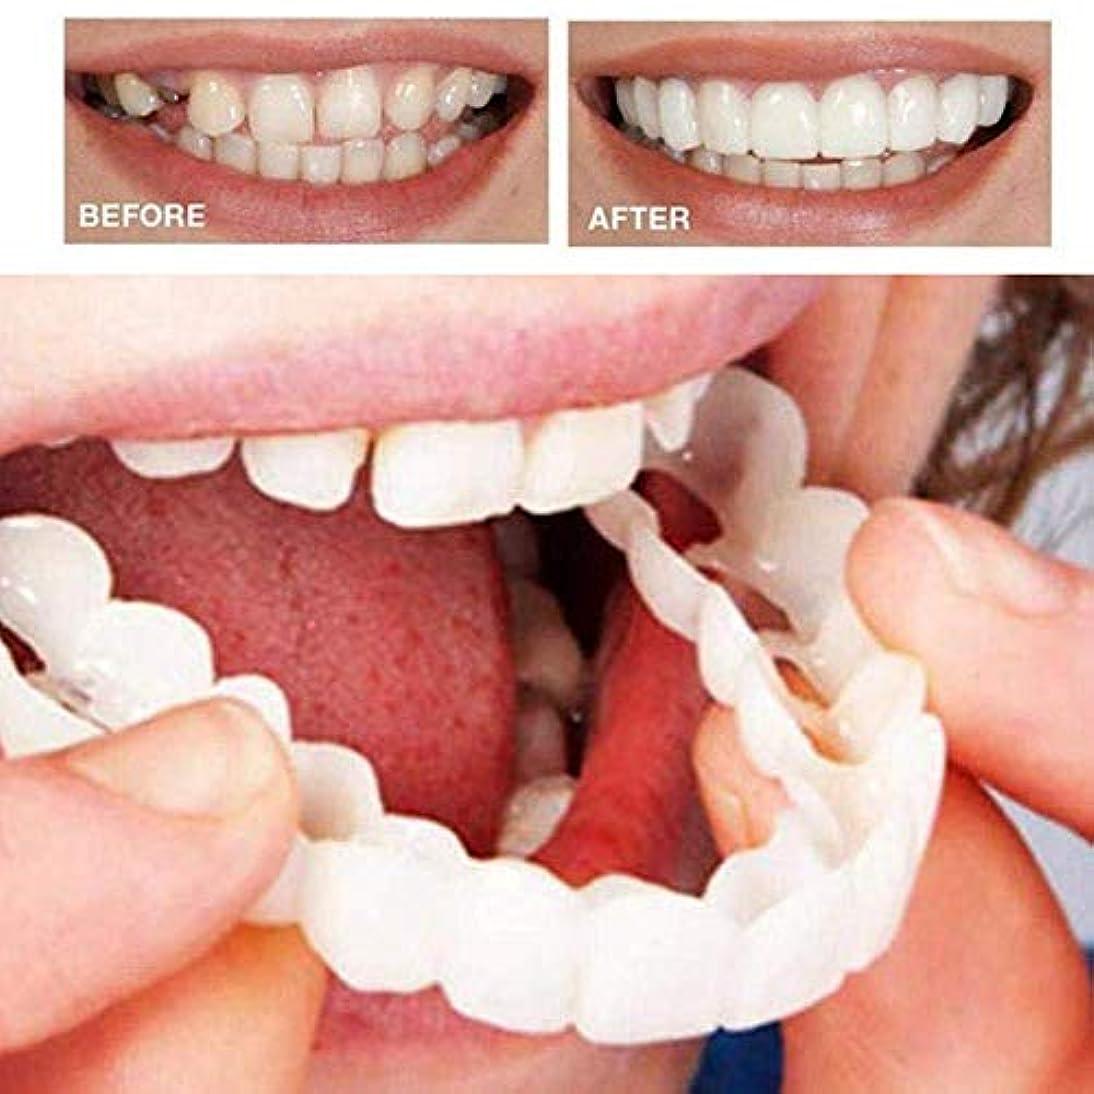 に渡ってエミュレートするアトム6本の偽の歯の上、美しいインスタント歯科用化粧板の笑顔の快適なフィットフレックス化粧品の歯義歯の歯のトップ化粧品のベニヤ、ワンサイズフィット矯正